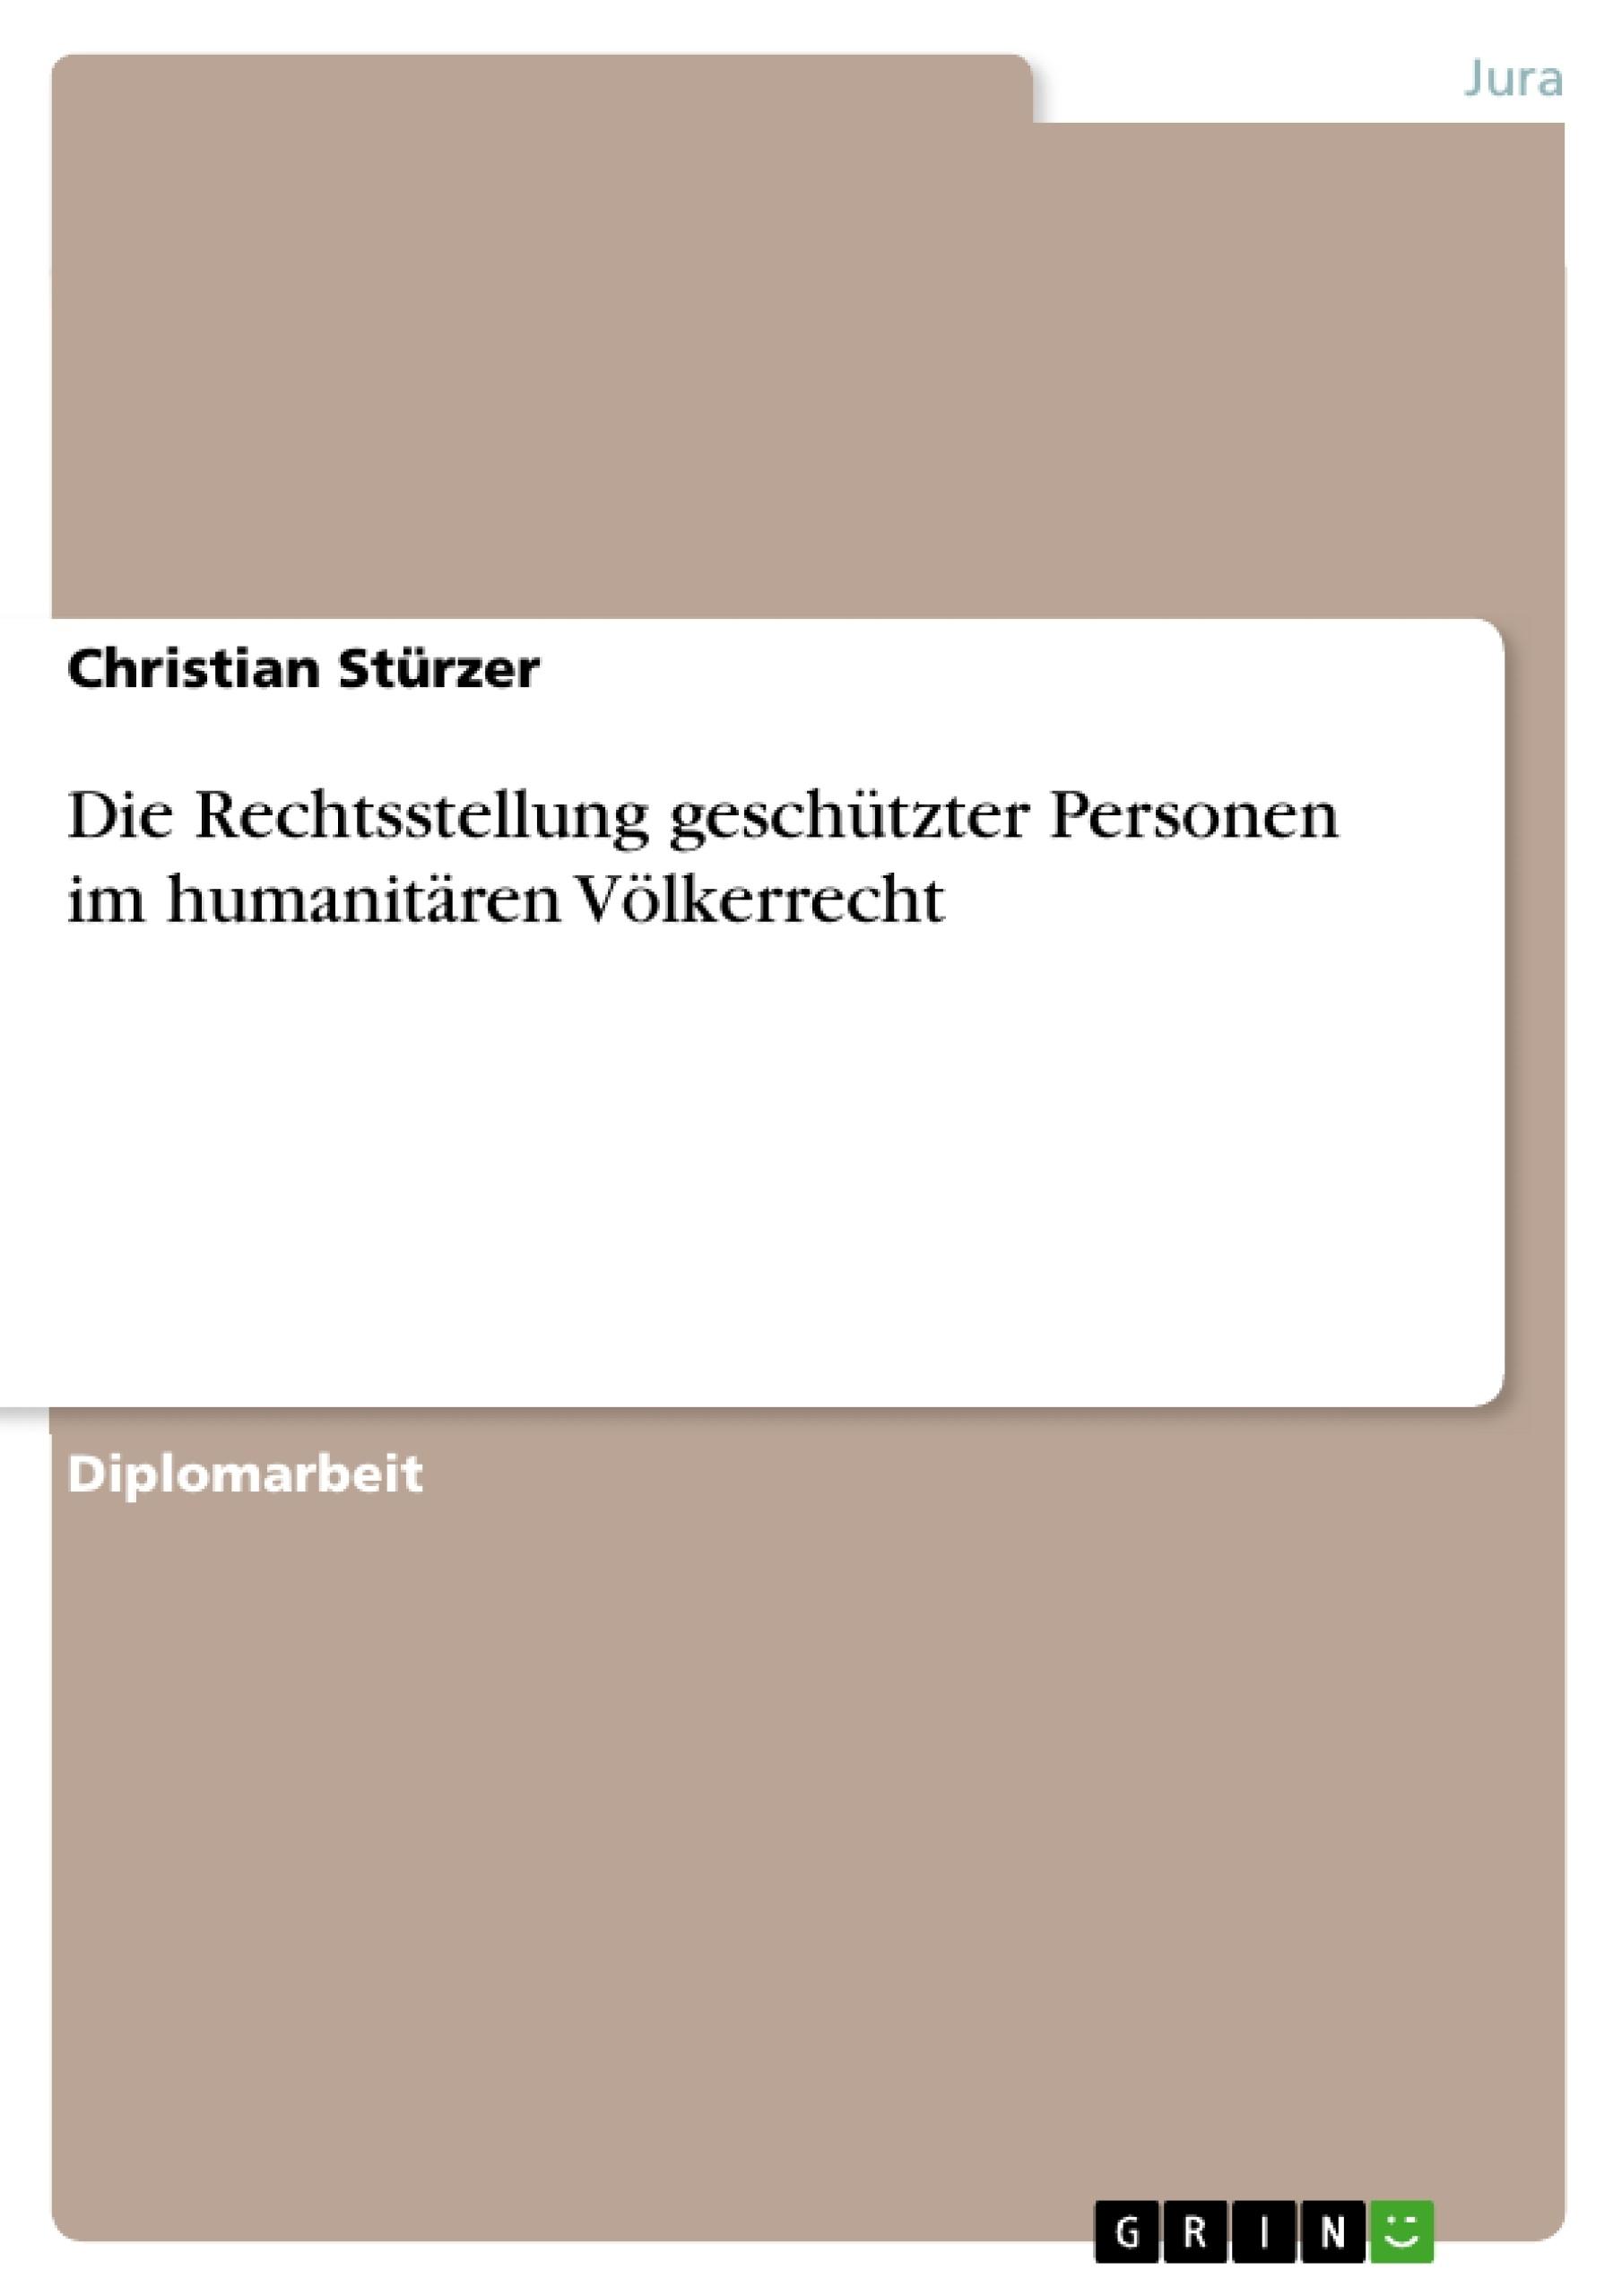 Titel: Die Rechtsstellung geschützter Personen im humanitären Völkerrecht